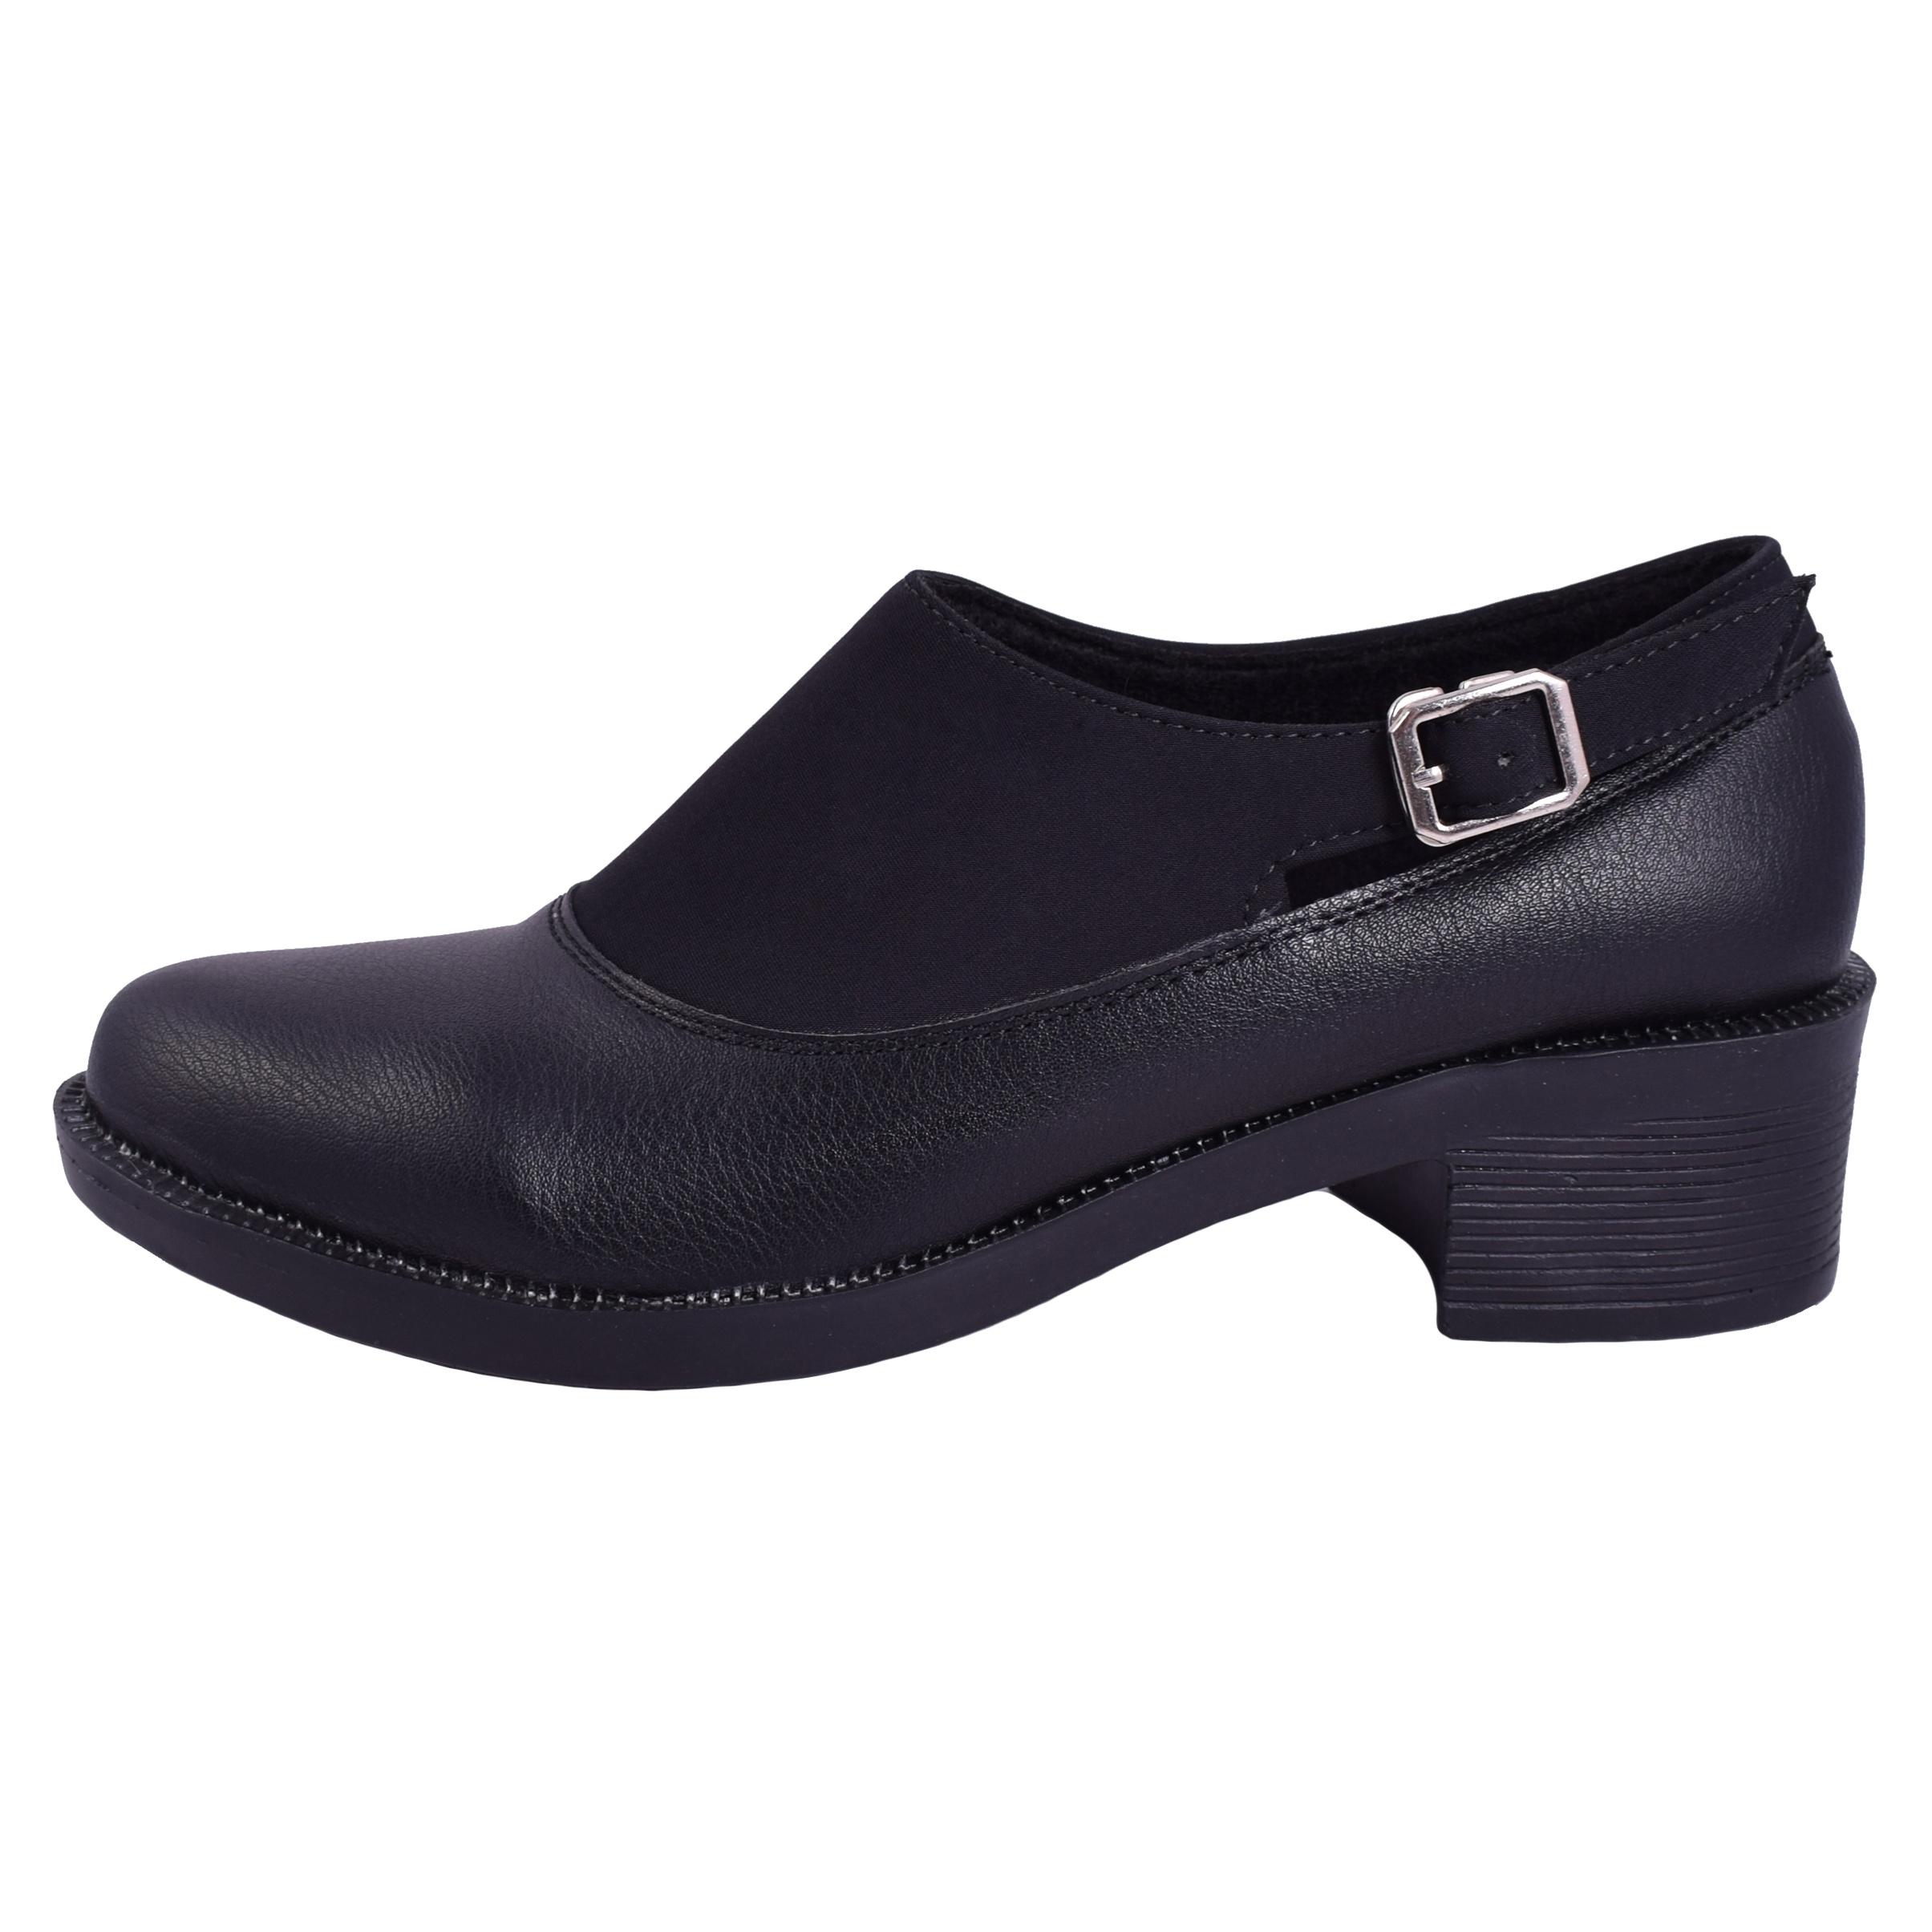 کفش زنانه مدل آنا کد 8891-mm